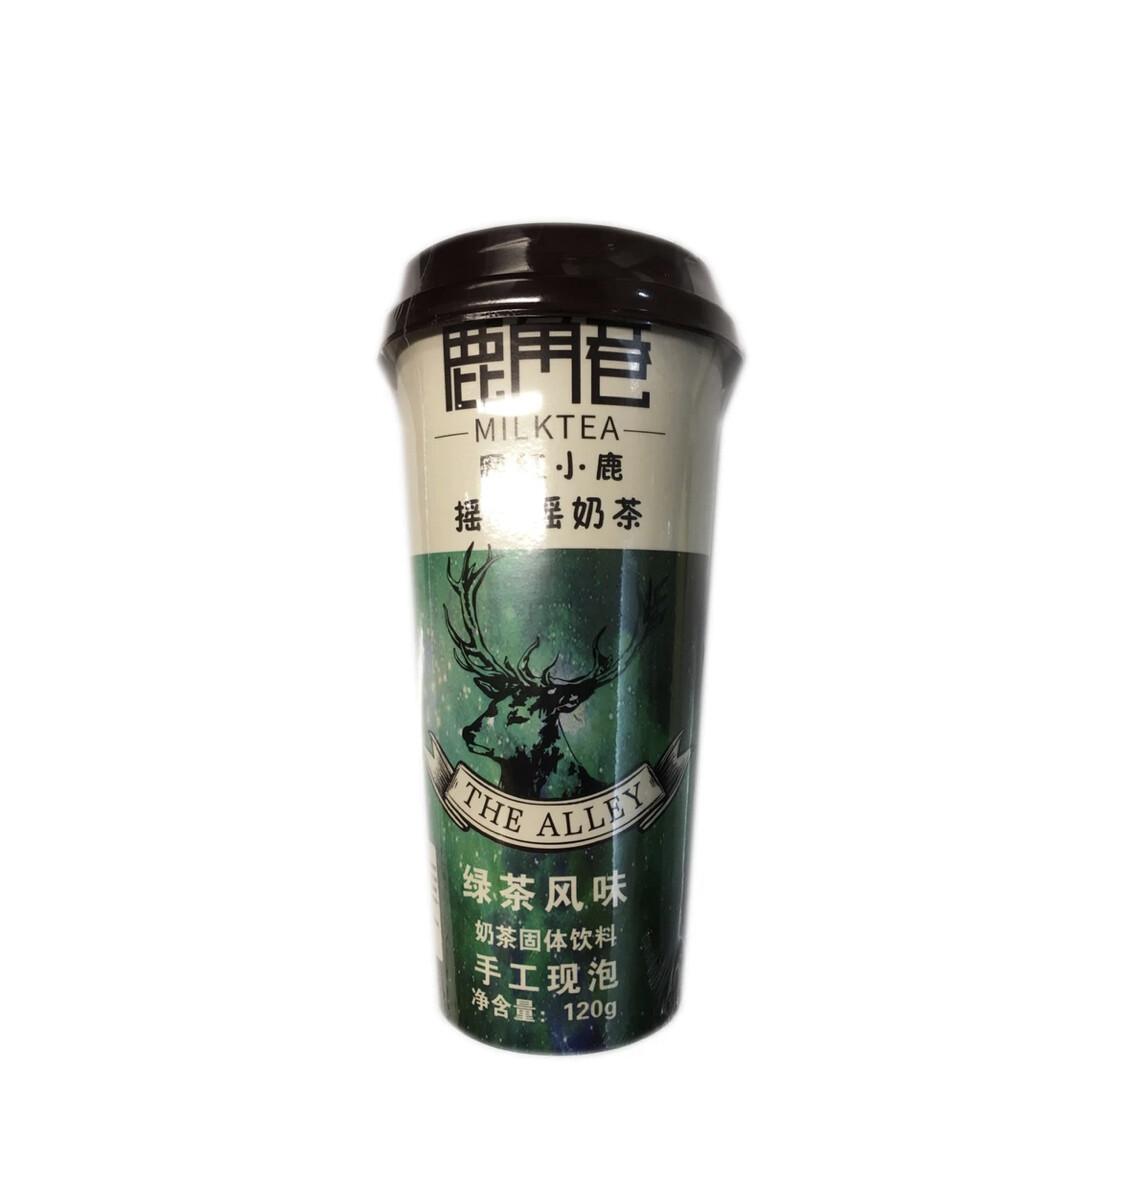 GROC【杂货】鹿角巷 网红小鹿摇一摇奶茶 绿茶风味 120g